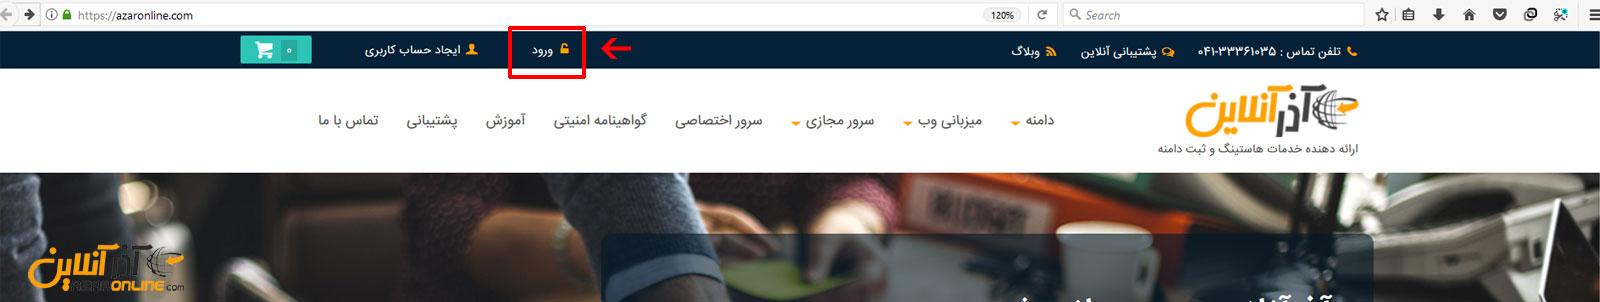 ورود به پنل کاربری آذرآنلاین